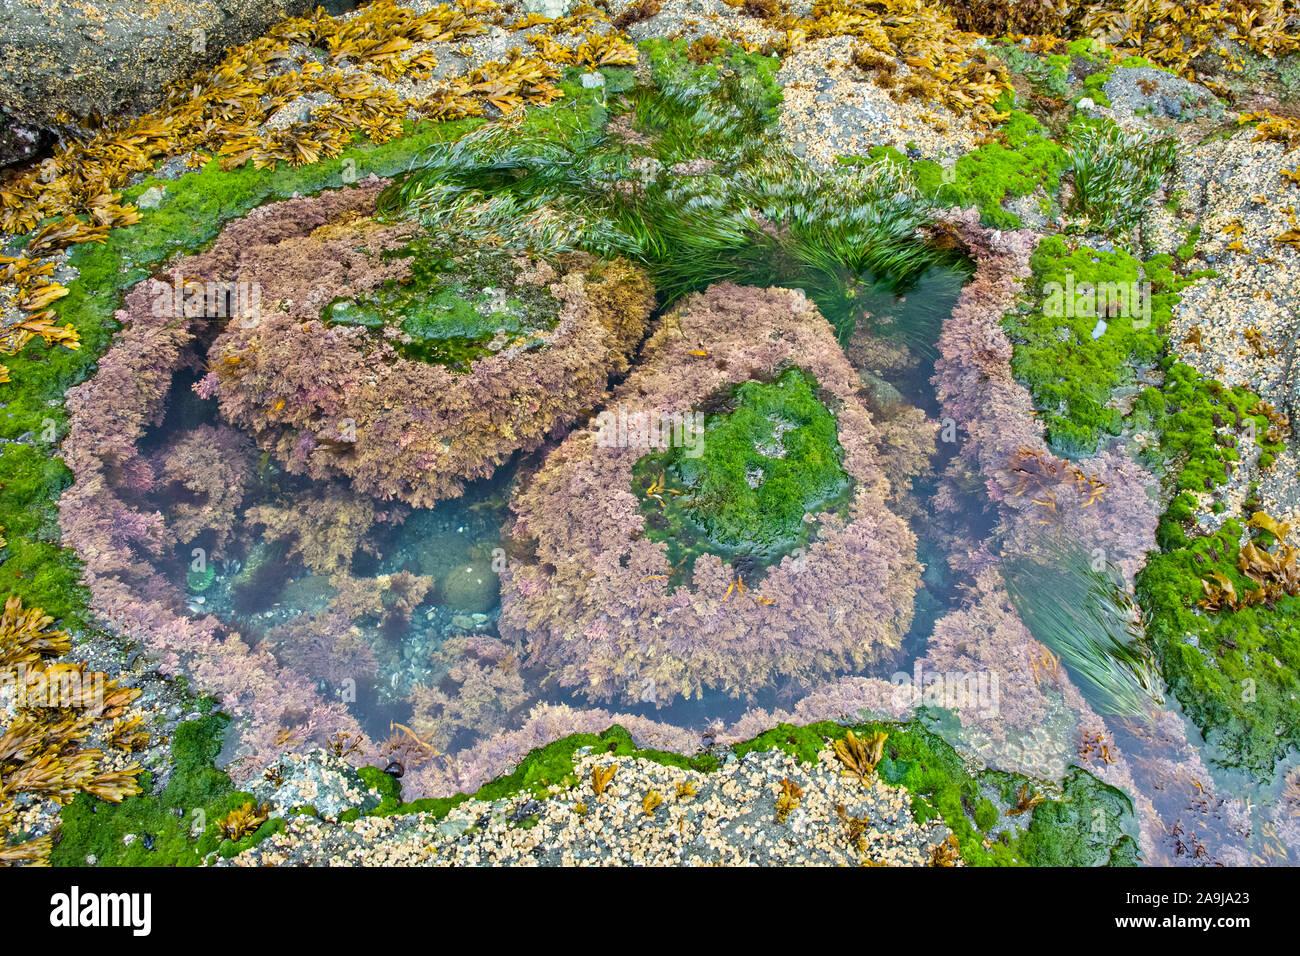 Piscina de marea wih algas coralinas, especies Corallina, vejiga asolando, el fucus vesiculosus, percebes, Balanus glandula de bellota, y del Scouler surfgrass, Phyllo Foto de stock